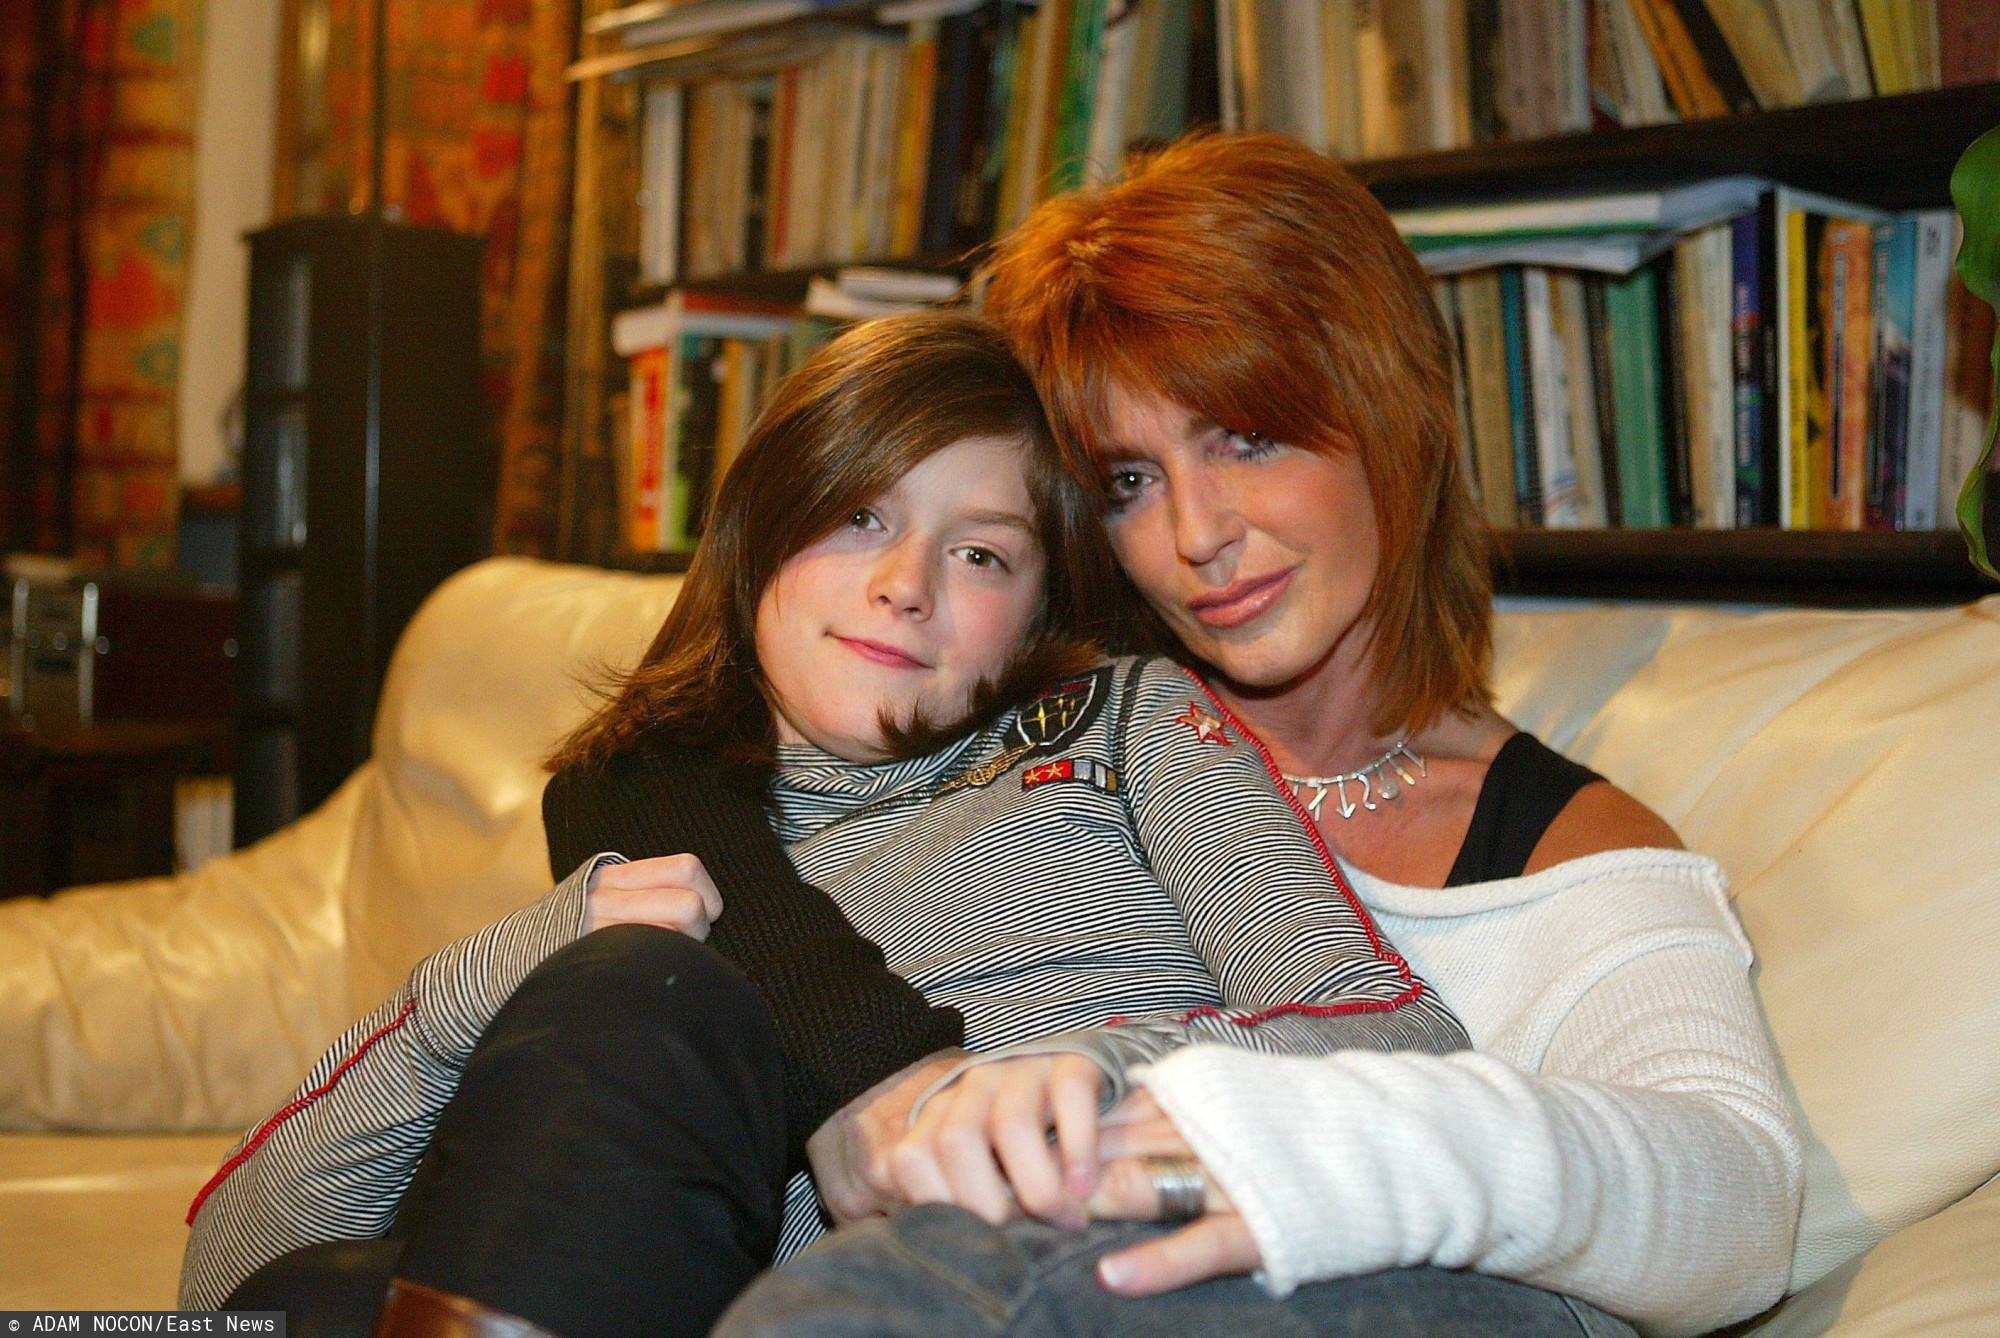 Miała 12 lat, gdy jej mama nagle zmarła. Wyrosła na prawdziwą piękność, trudno oderwać wzrok